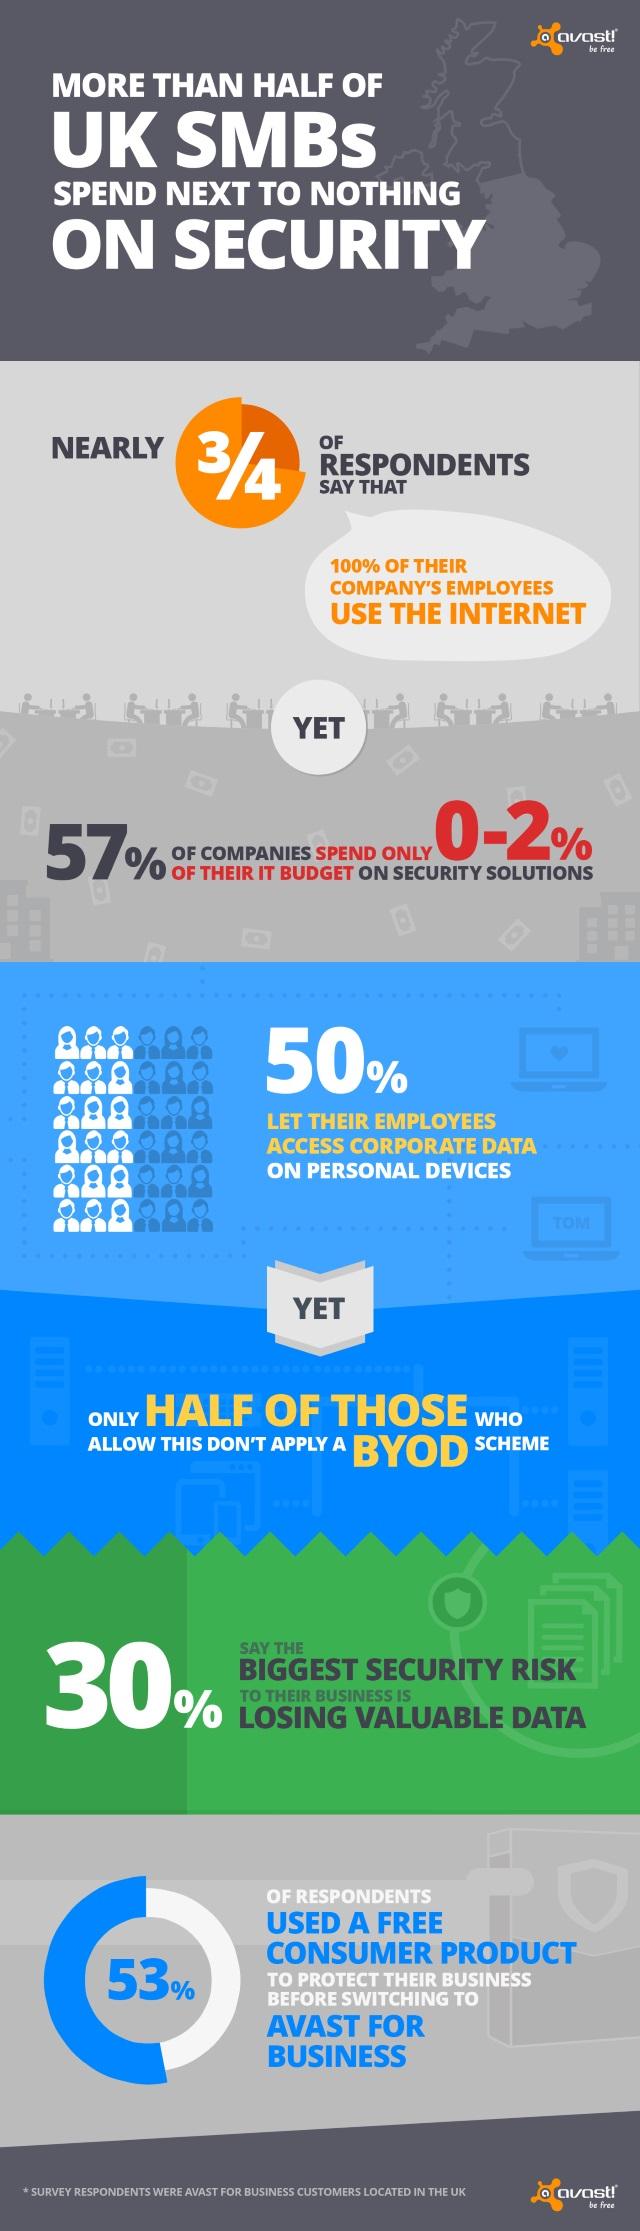 Avast infographic